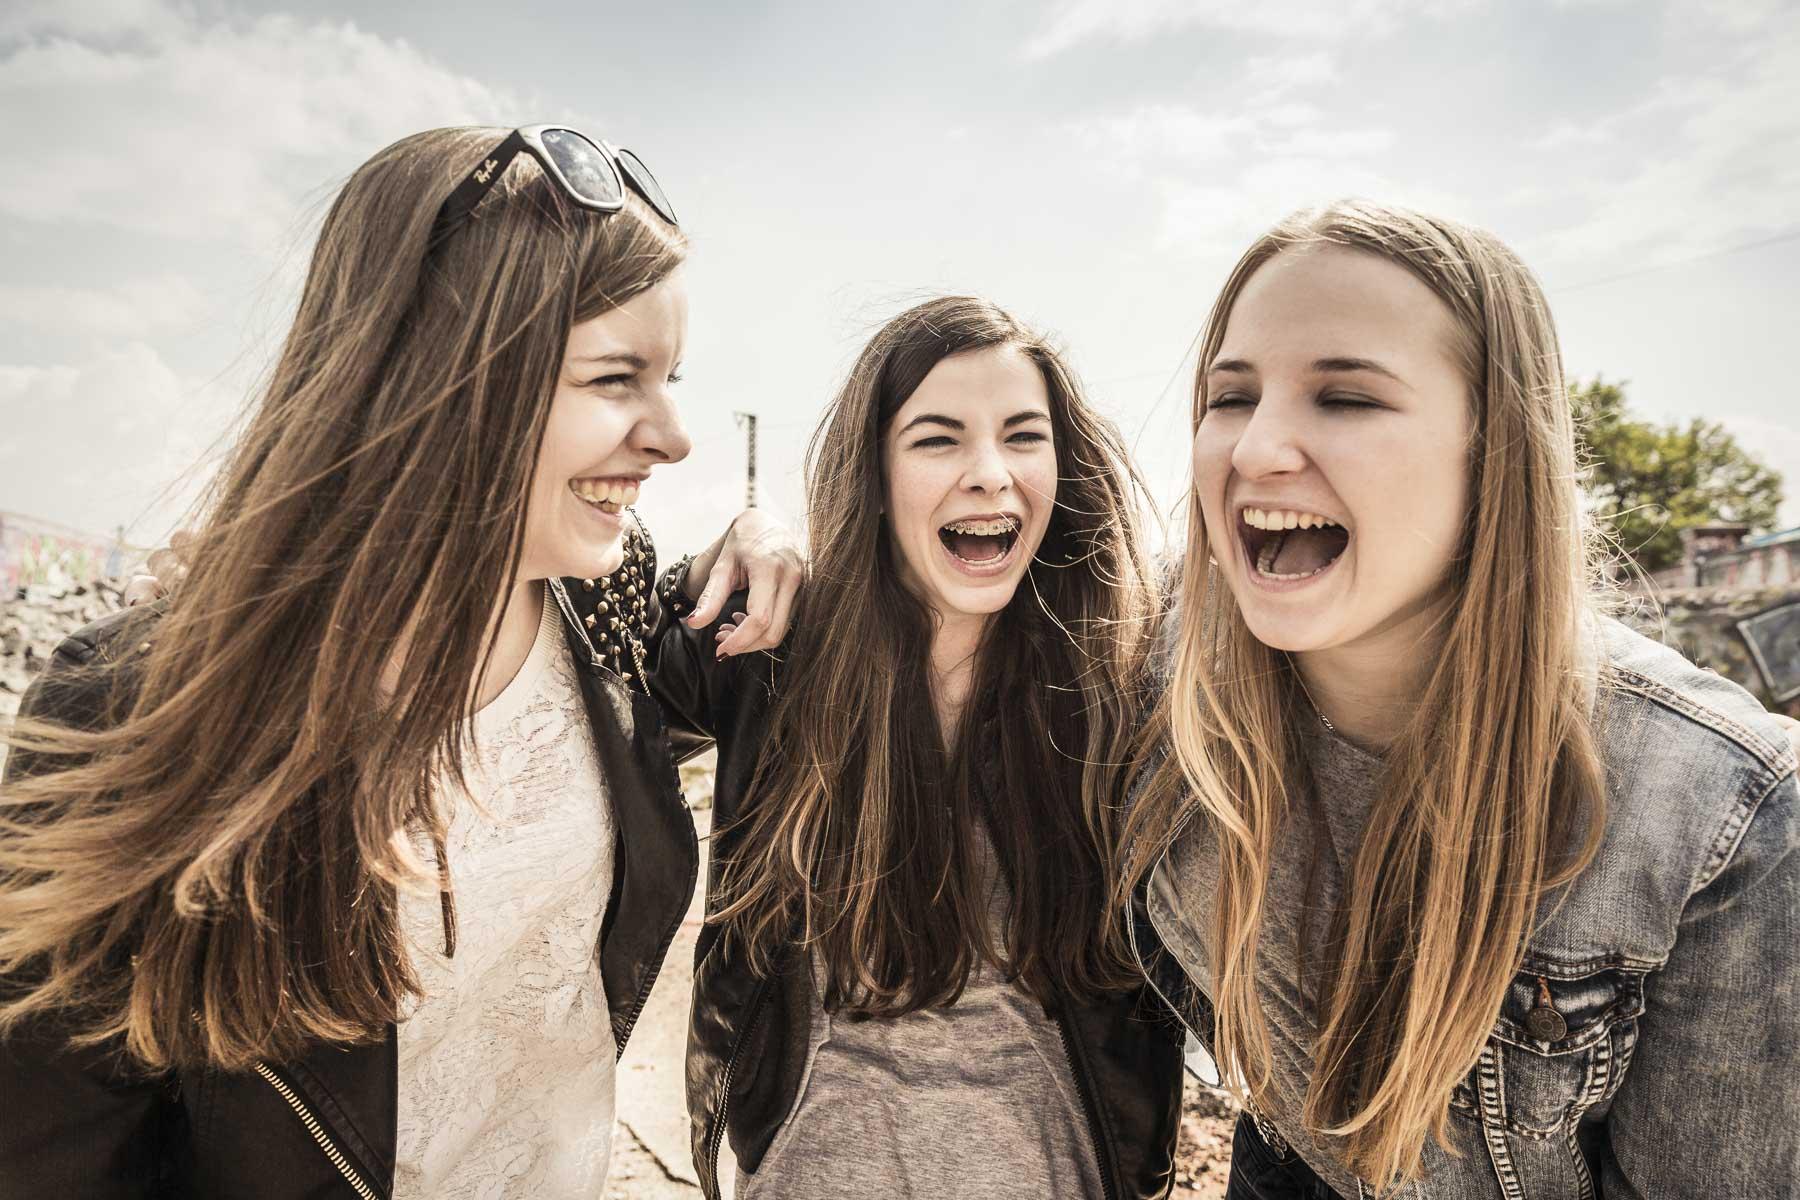 Drei Teenager lachen. Lifestyle - Derek Henthorn - Fotograf München